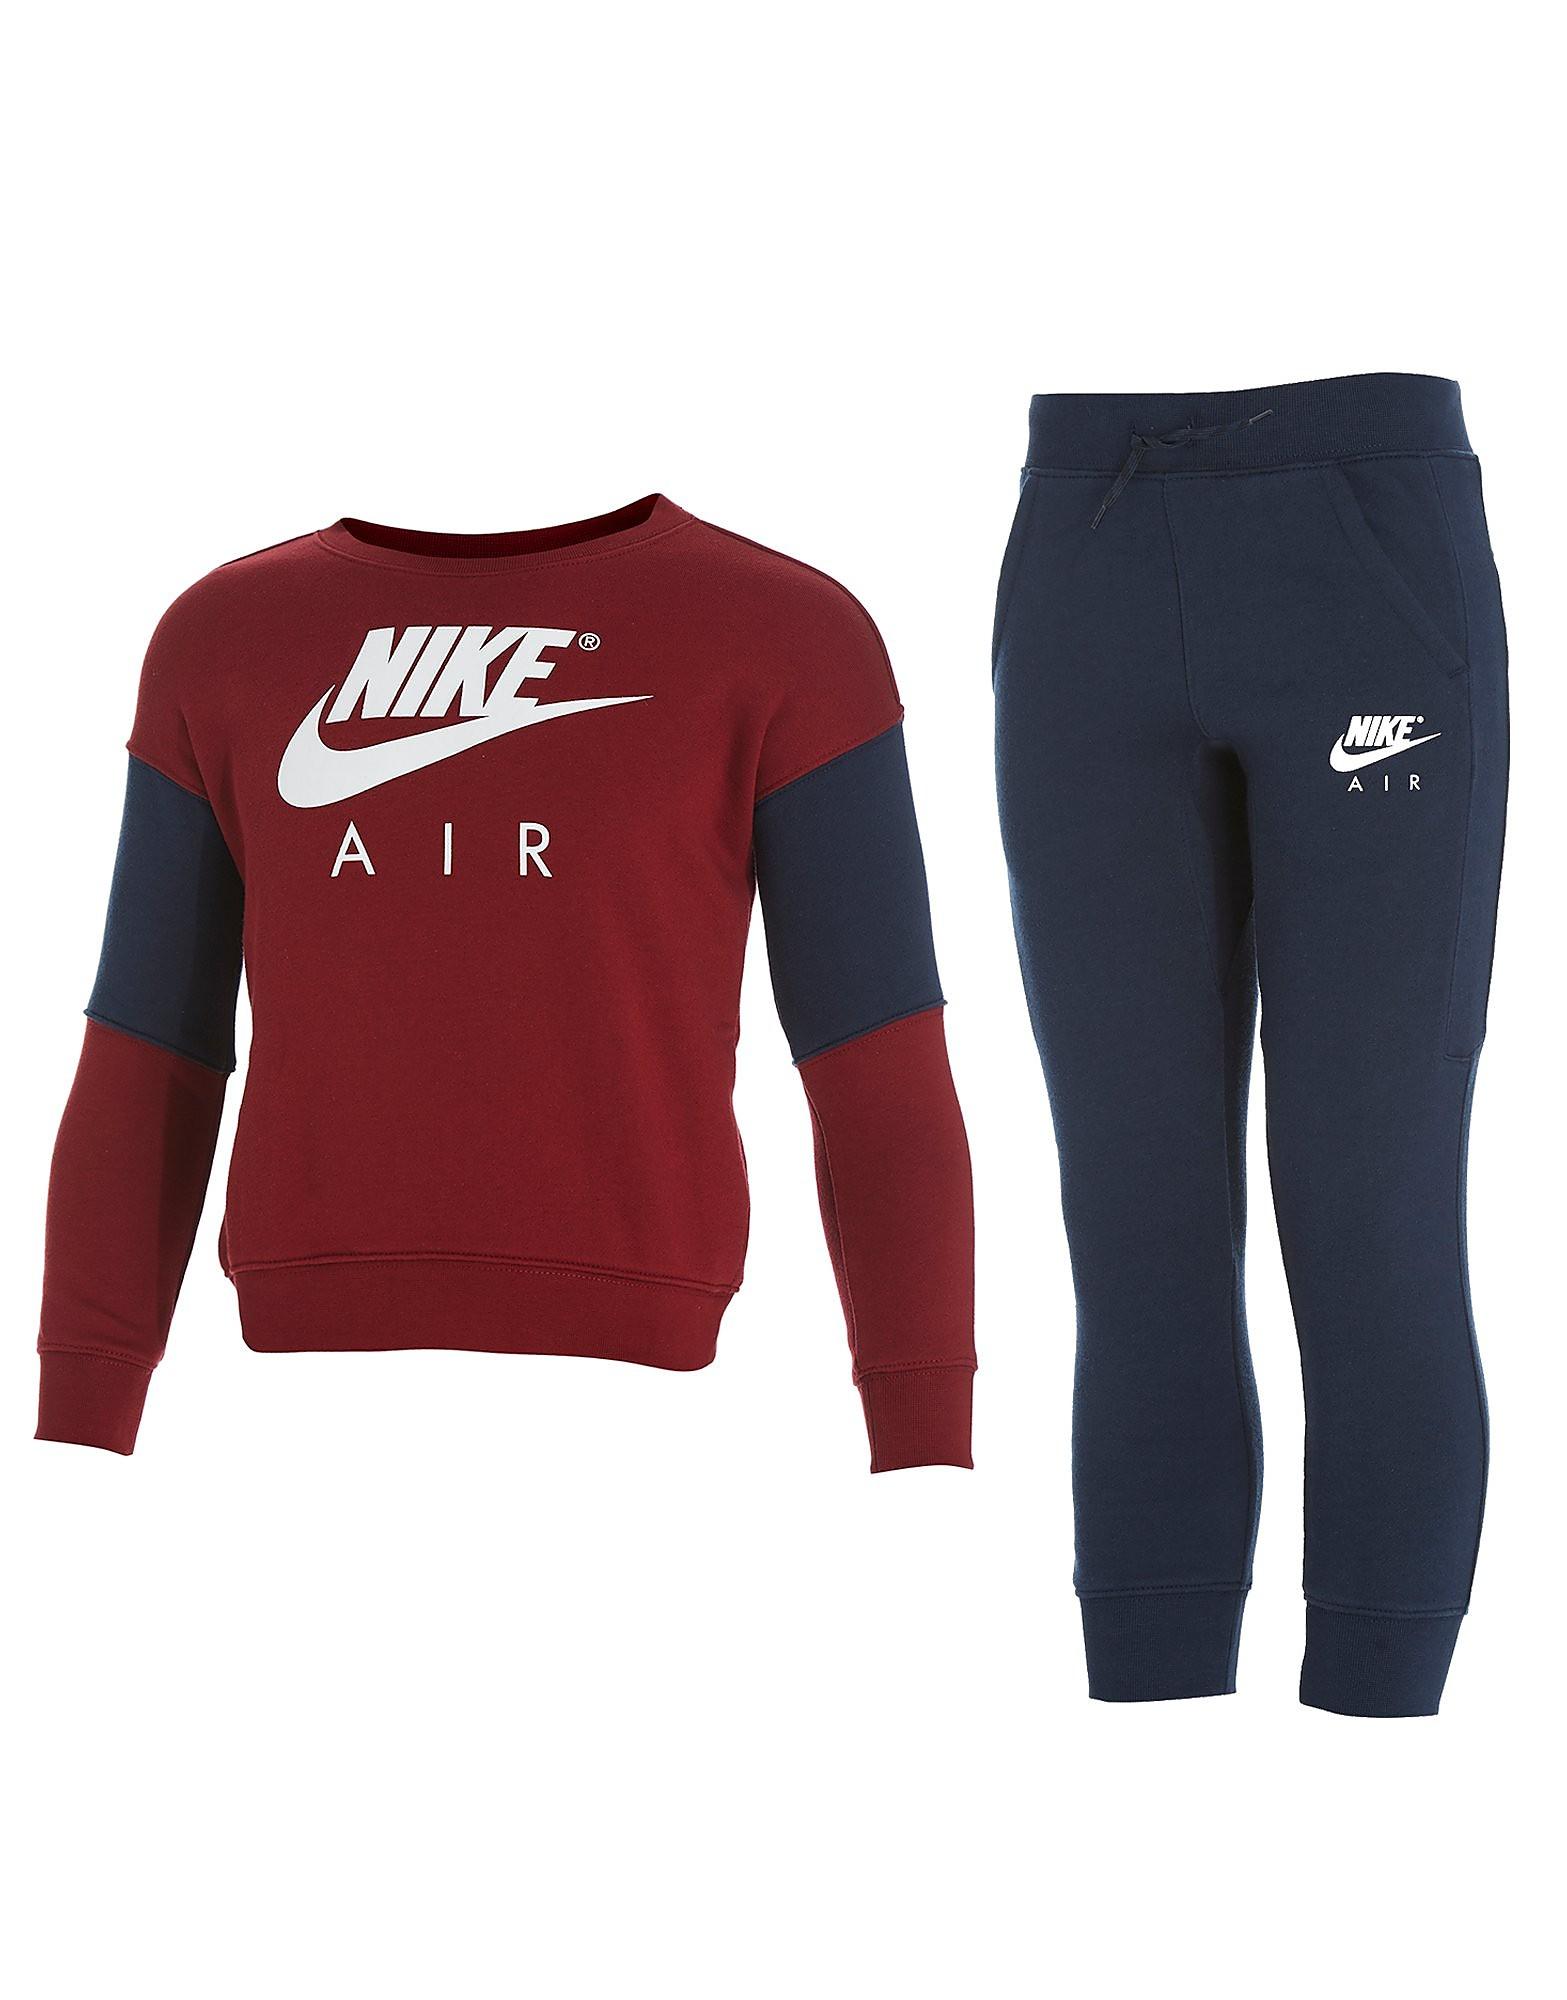 Nike Air Crew Suit Children